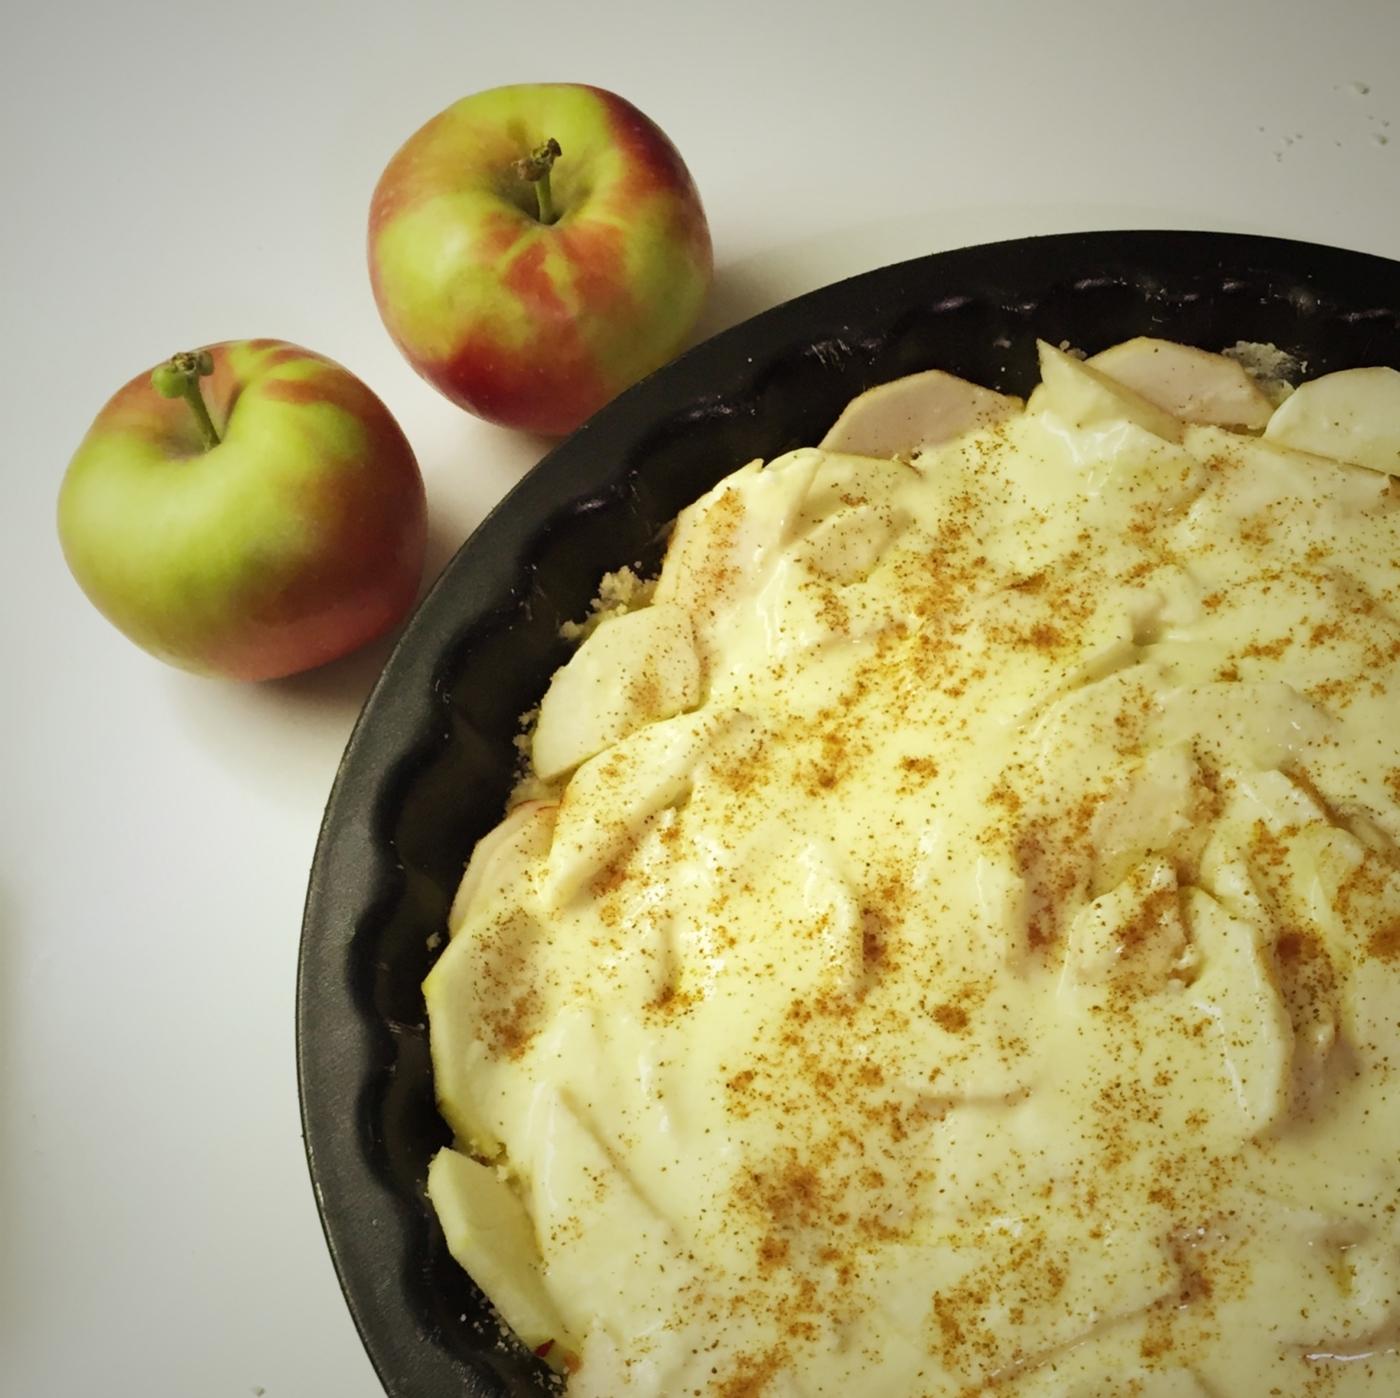 helppo ja kevyt omenapiirakka - resepti